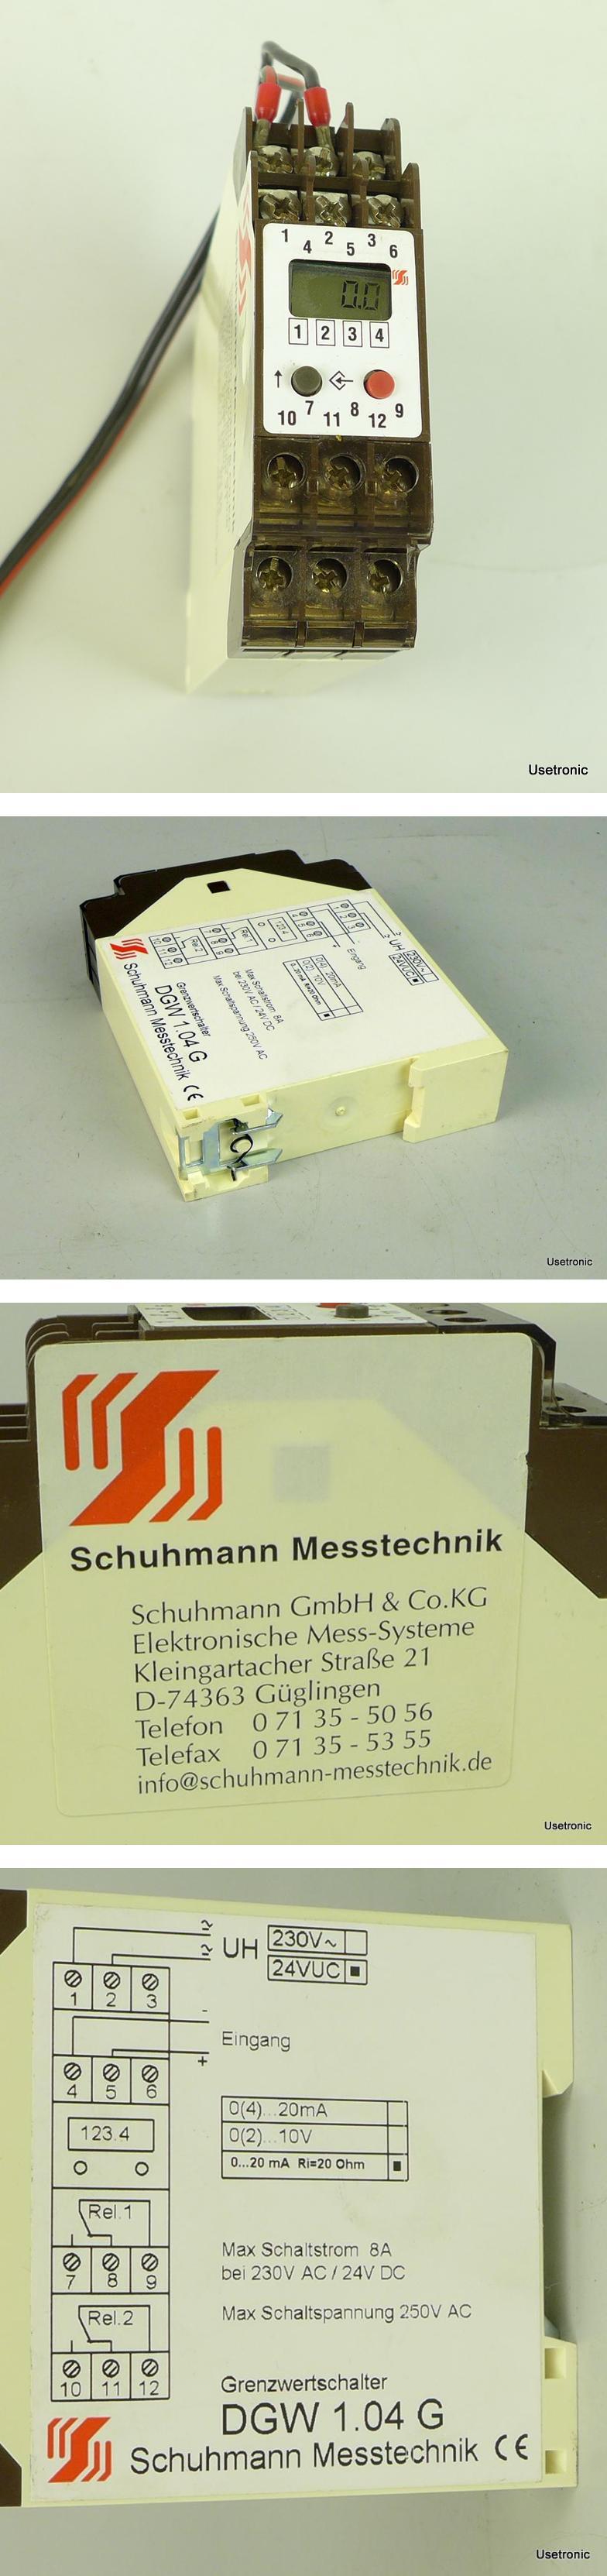 Schuhmann Messtechnik DGW